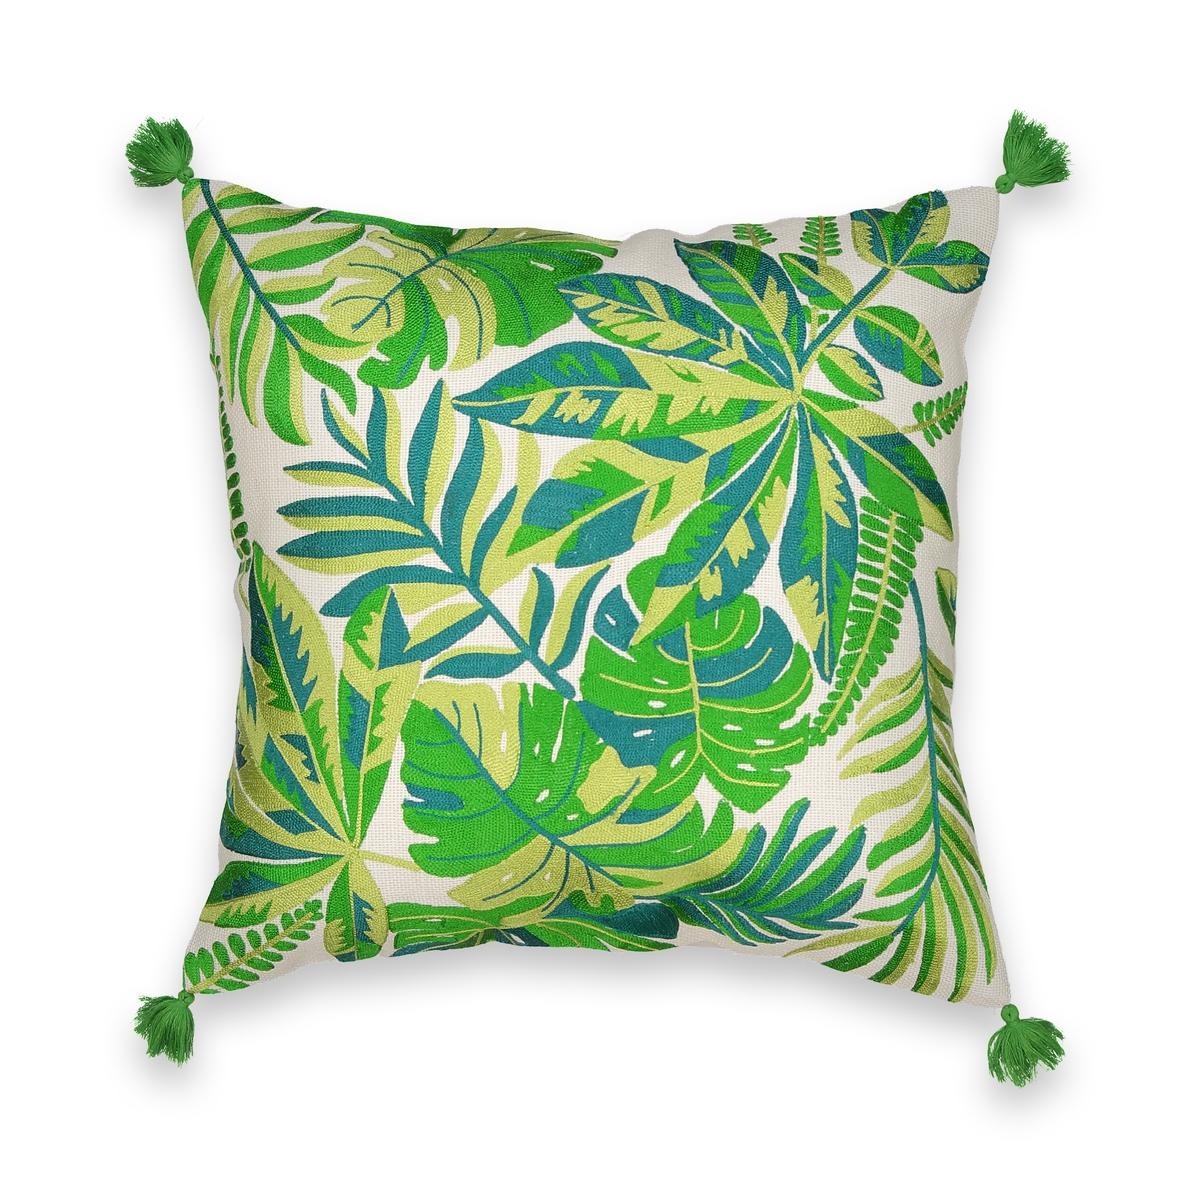 Наволочка со сплошной вышивкойОписание:Наволочка Avertin .  С вышивкой в виде листьев монстеры, аралии и пальмы, тропический принт .  Однотонная оборотная сторона цвета экрю.  100% хлопок .  Скрытая застежка на молнию.  Не стирать .  Размер : 45 x 45 см.  Подушка продается отдельно.<br><br>Цвет: зеленый